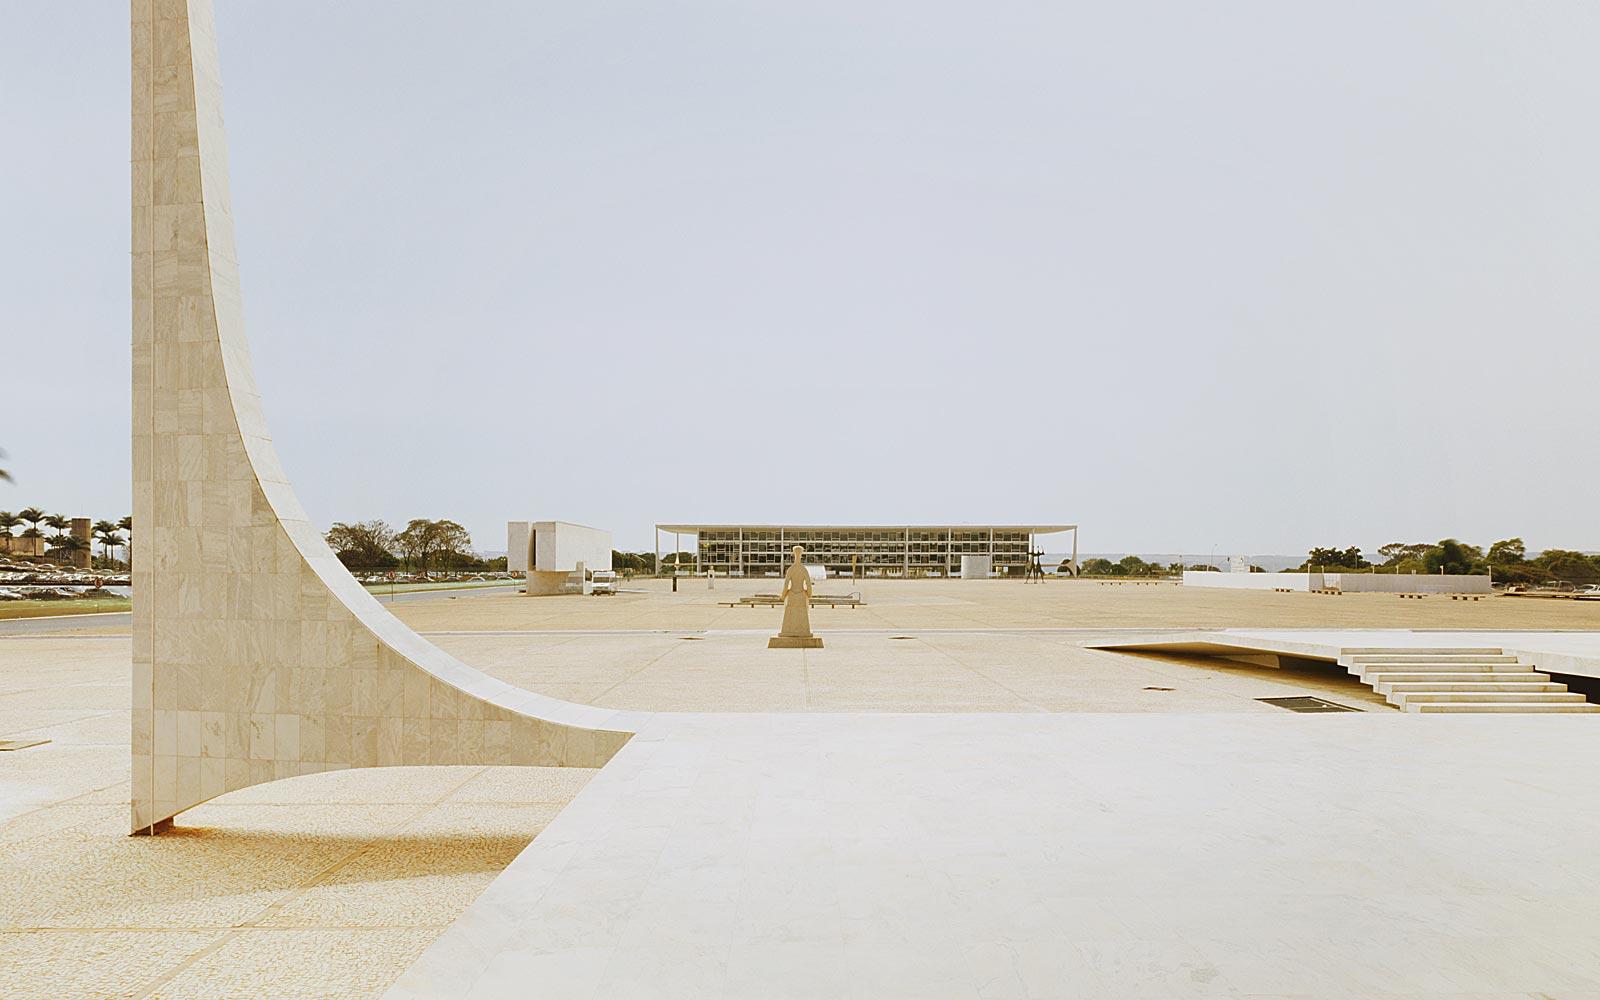 Praça dos Três Poderes, Brasilia